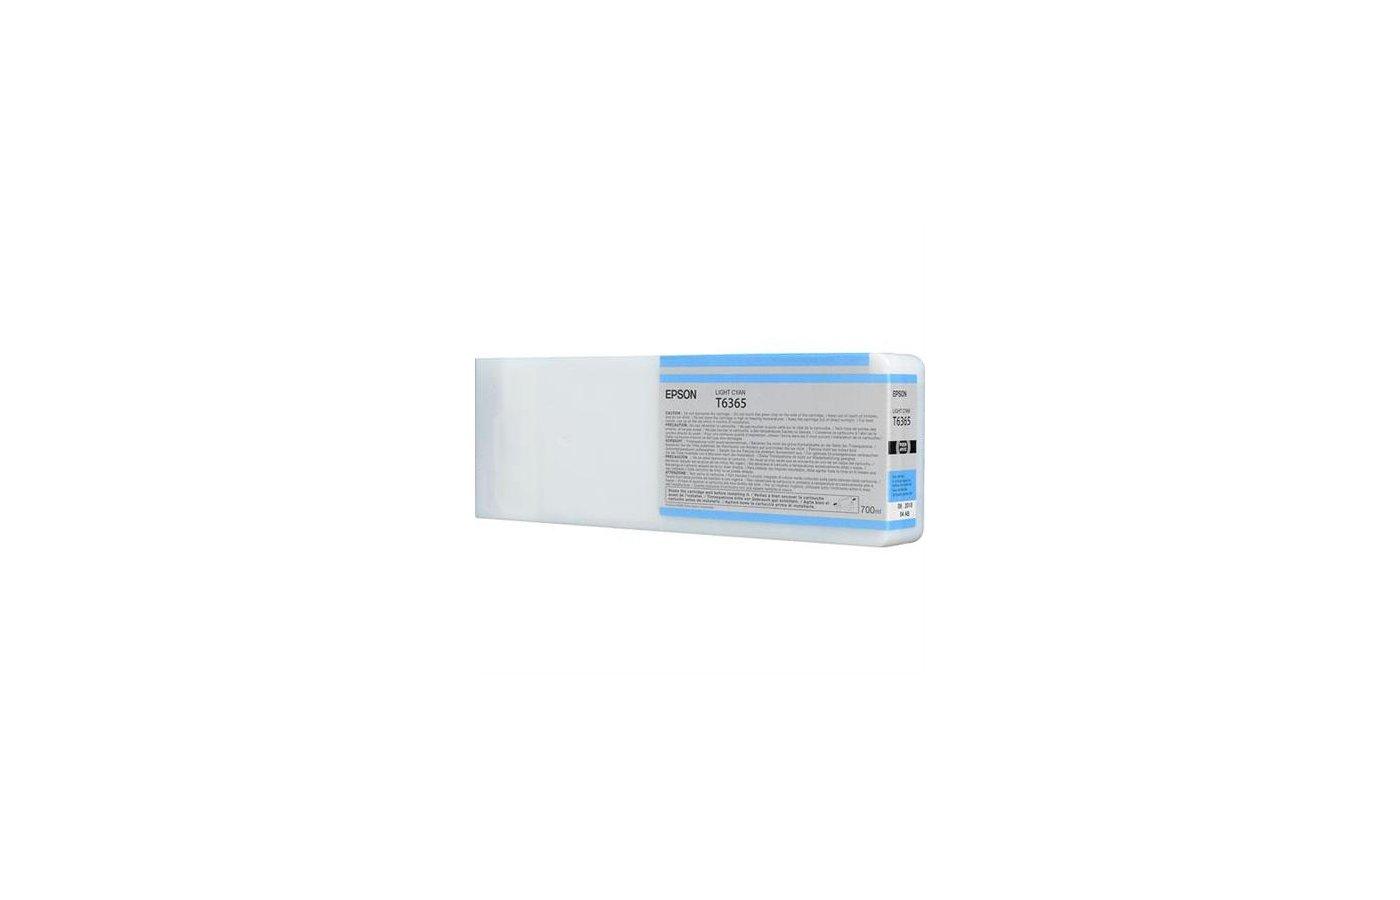 Картридж струйный Epson C13T636500 для Stylus Pro 7900/9900 700 мл светло-синий